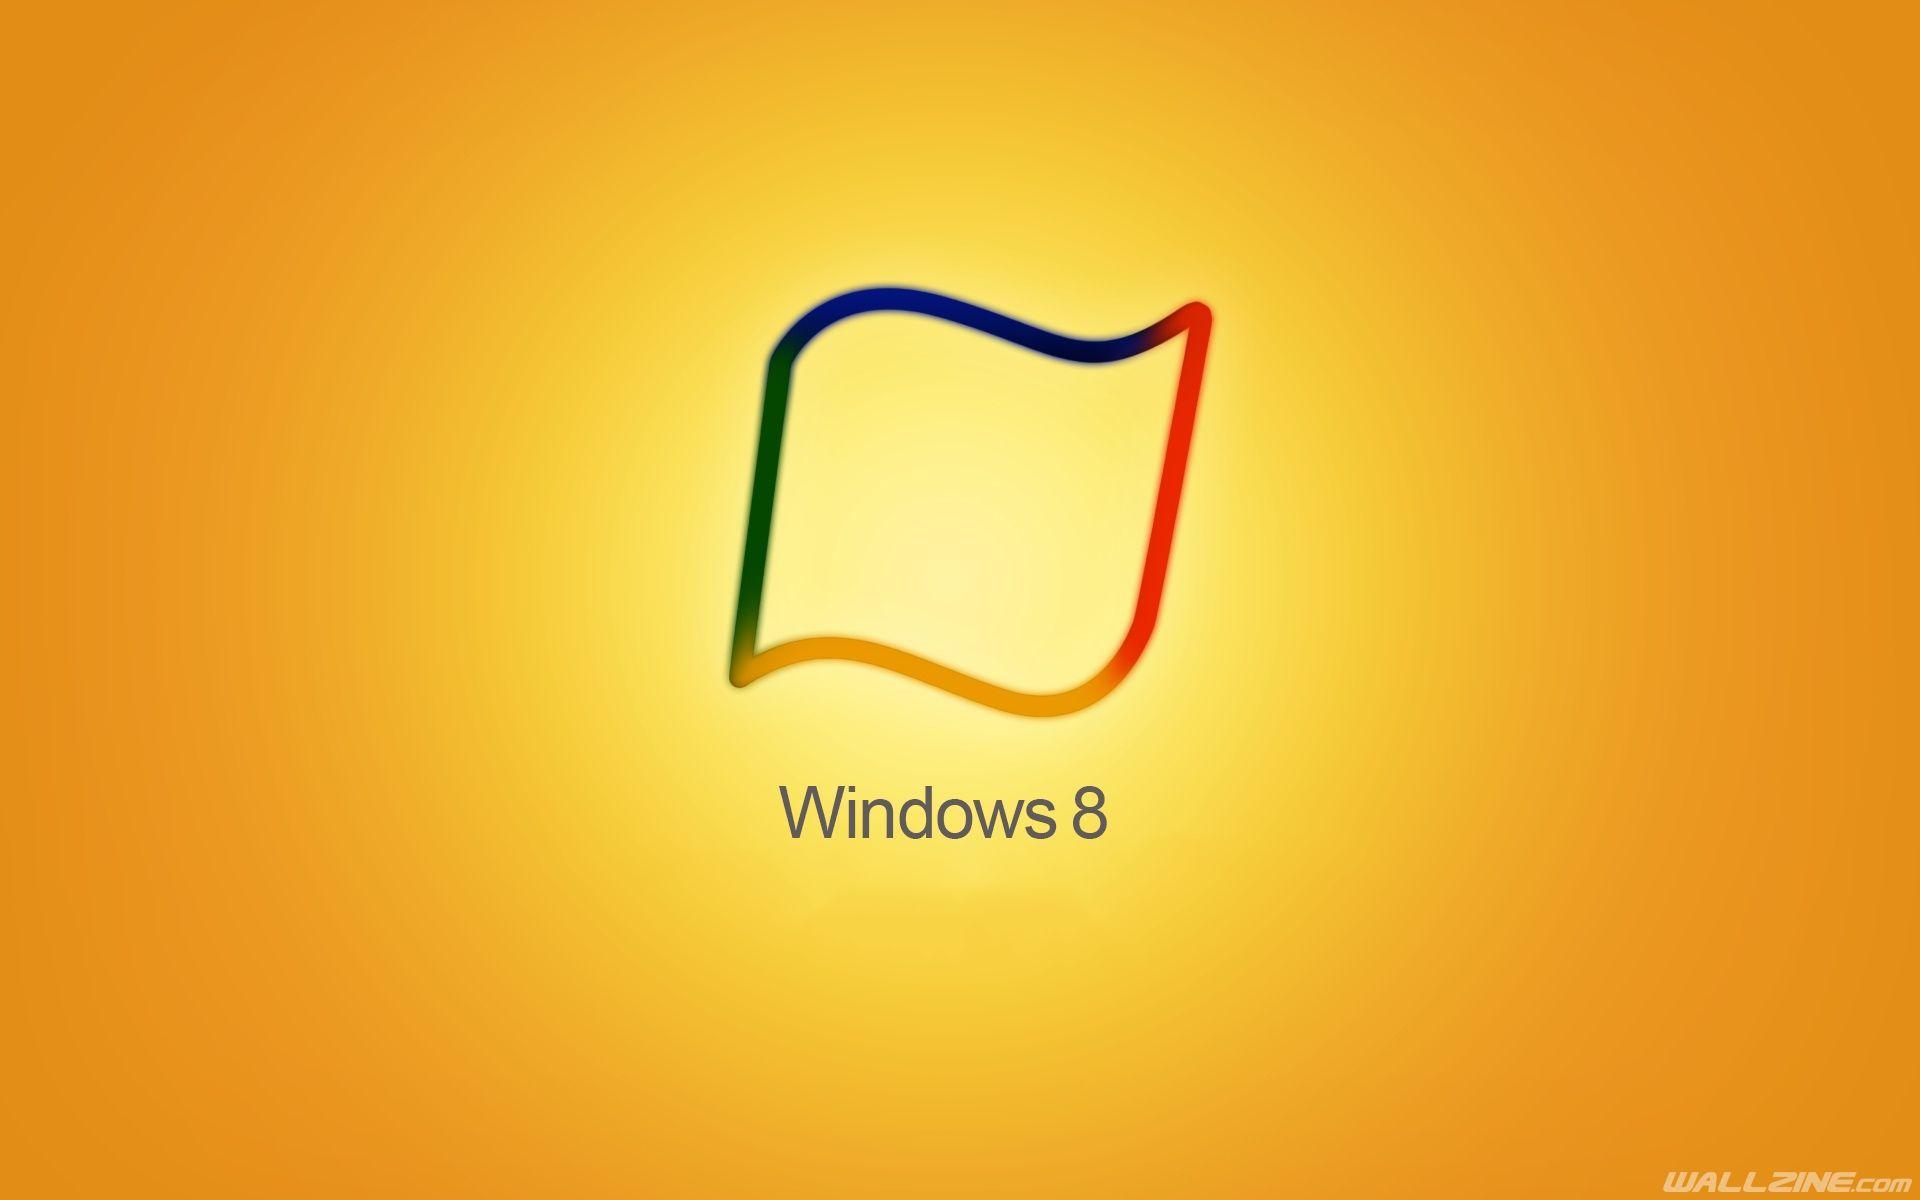 Windows 8 Yellow Hd Desktop Wallpaper Wallzine Com Windows Wallpaper Yellow Wallpaper Windows